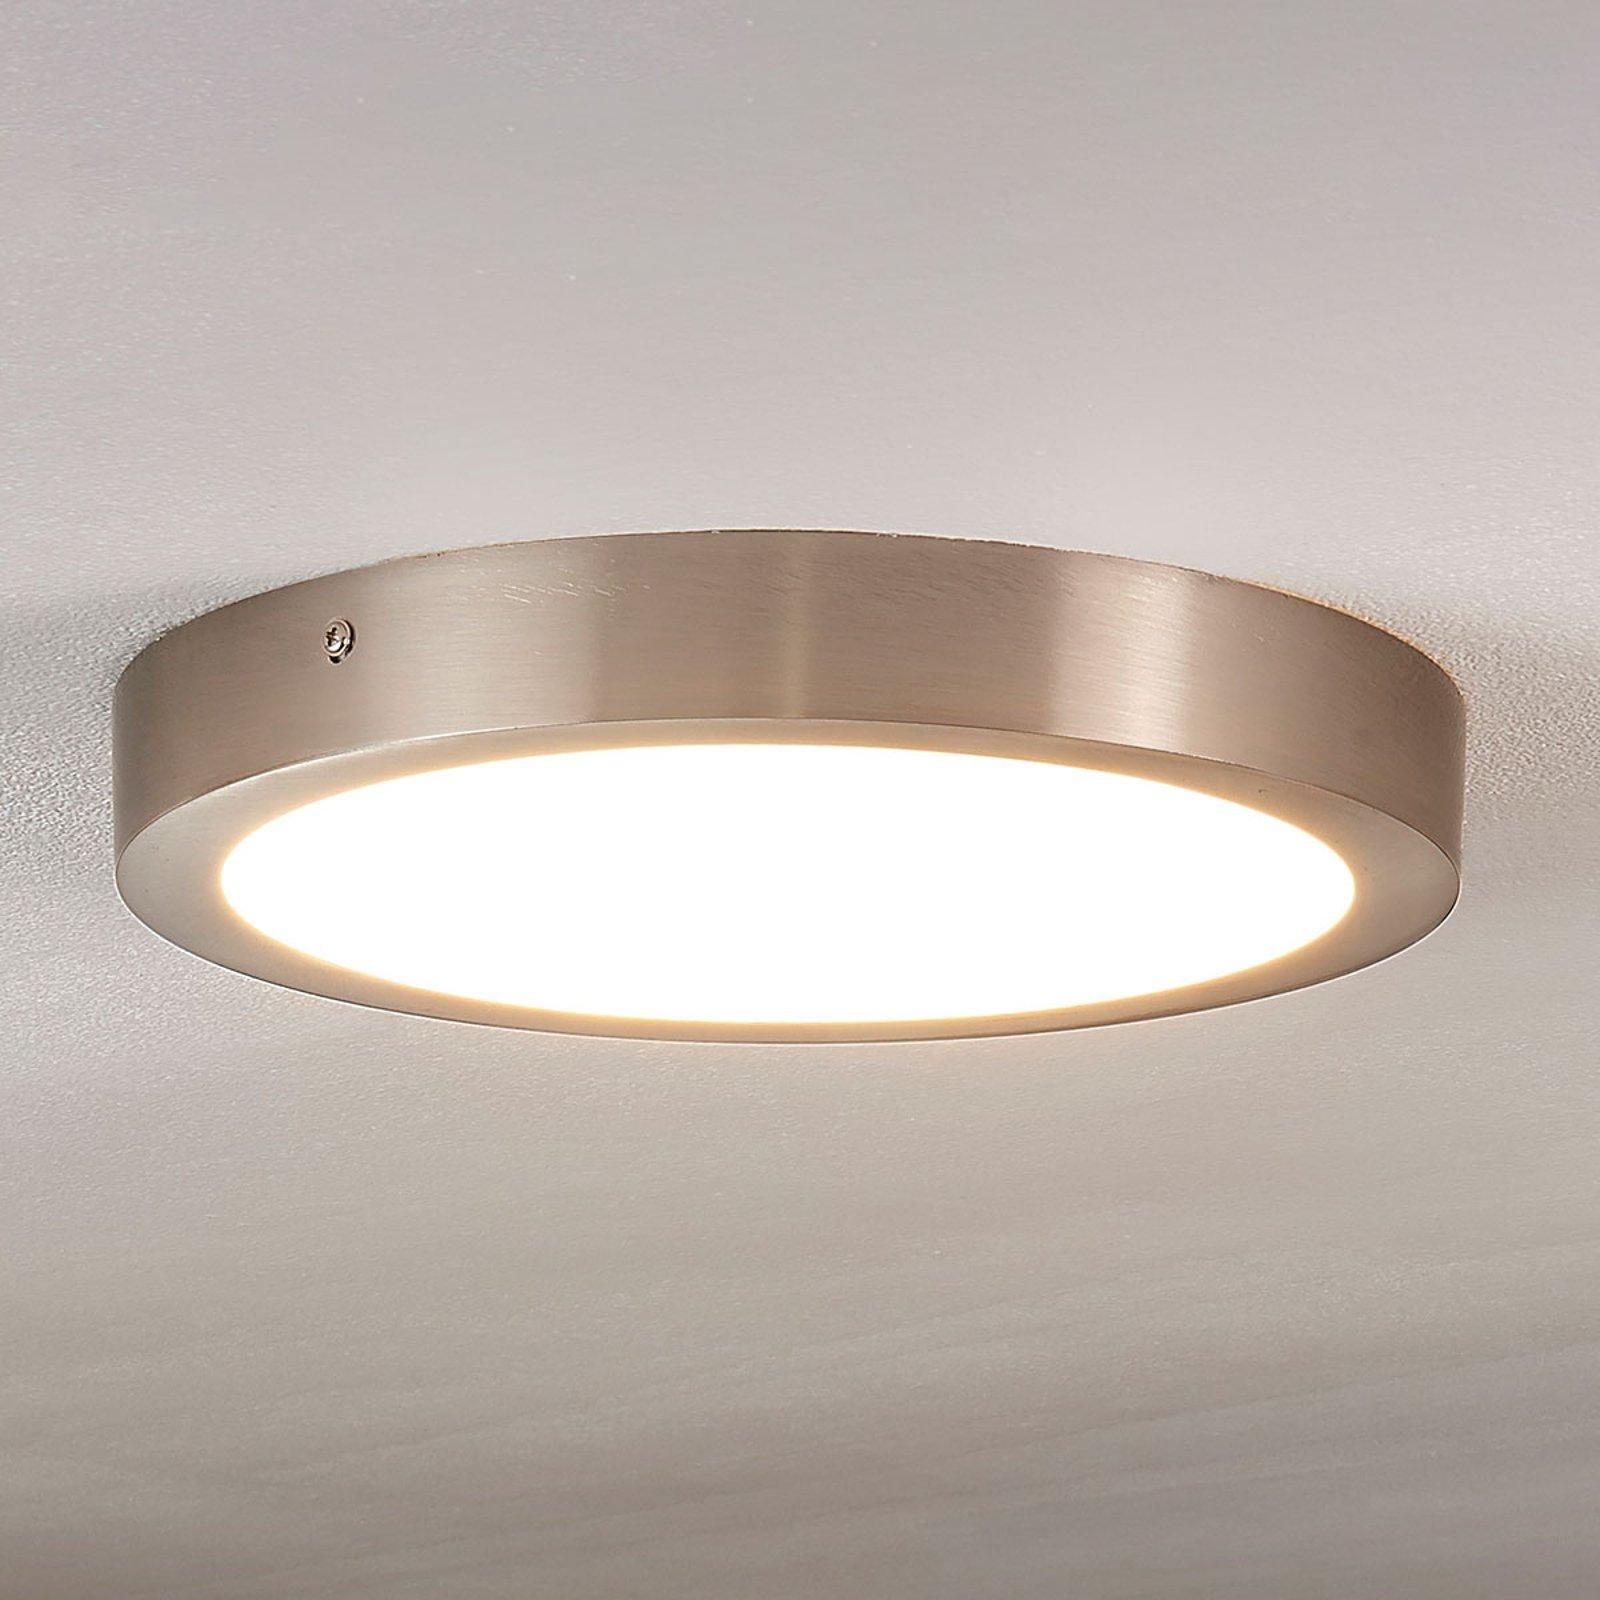 Milea - LED-taklampe med rund form,